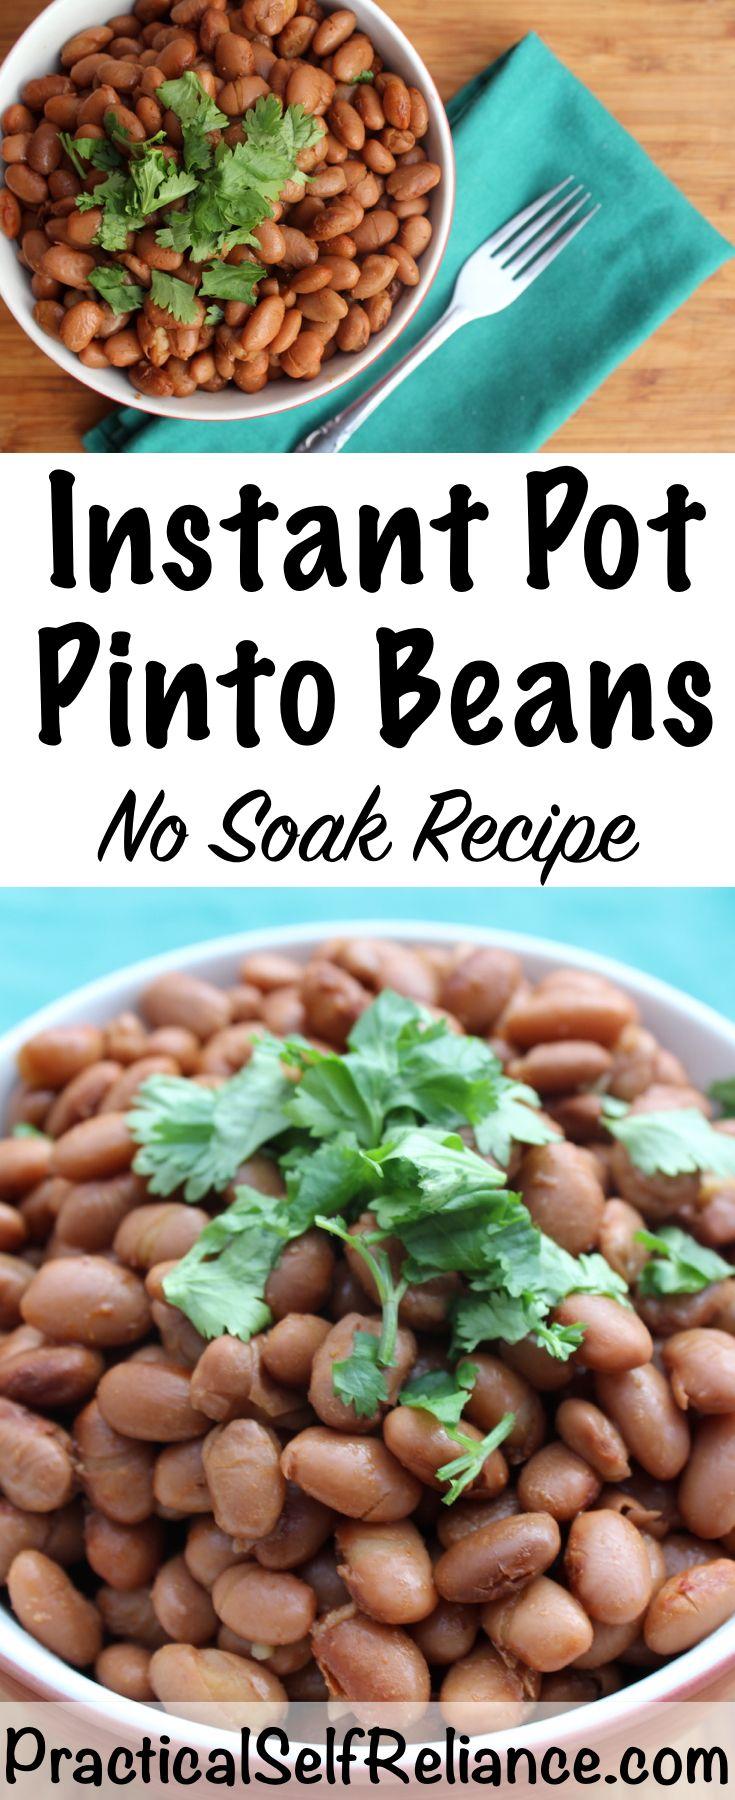 Instant Pot Pinto Beans - No Soak Recipe